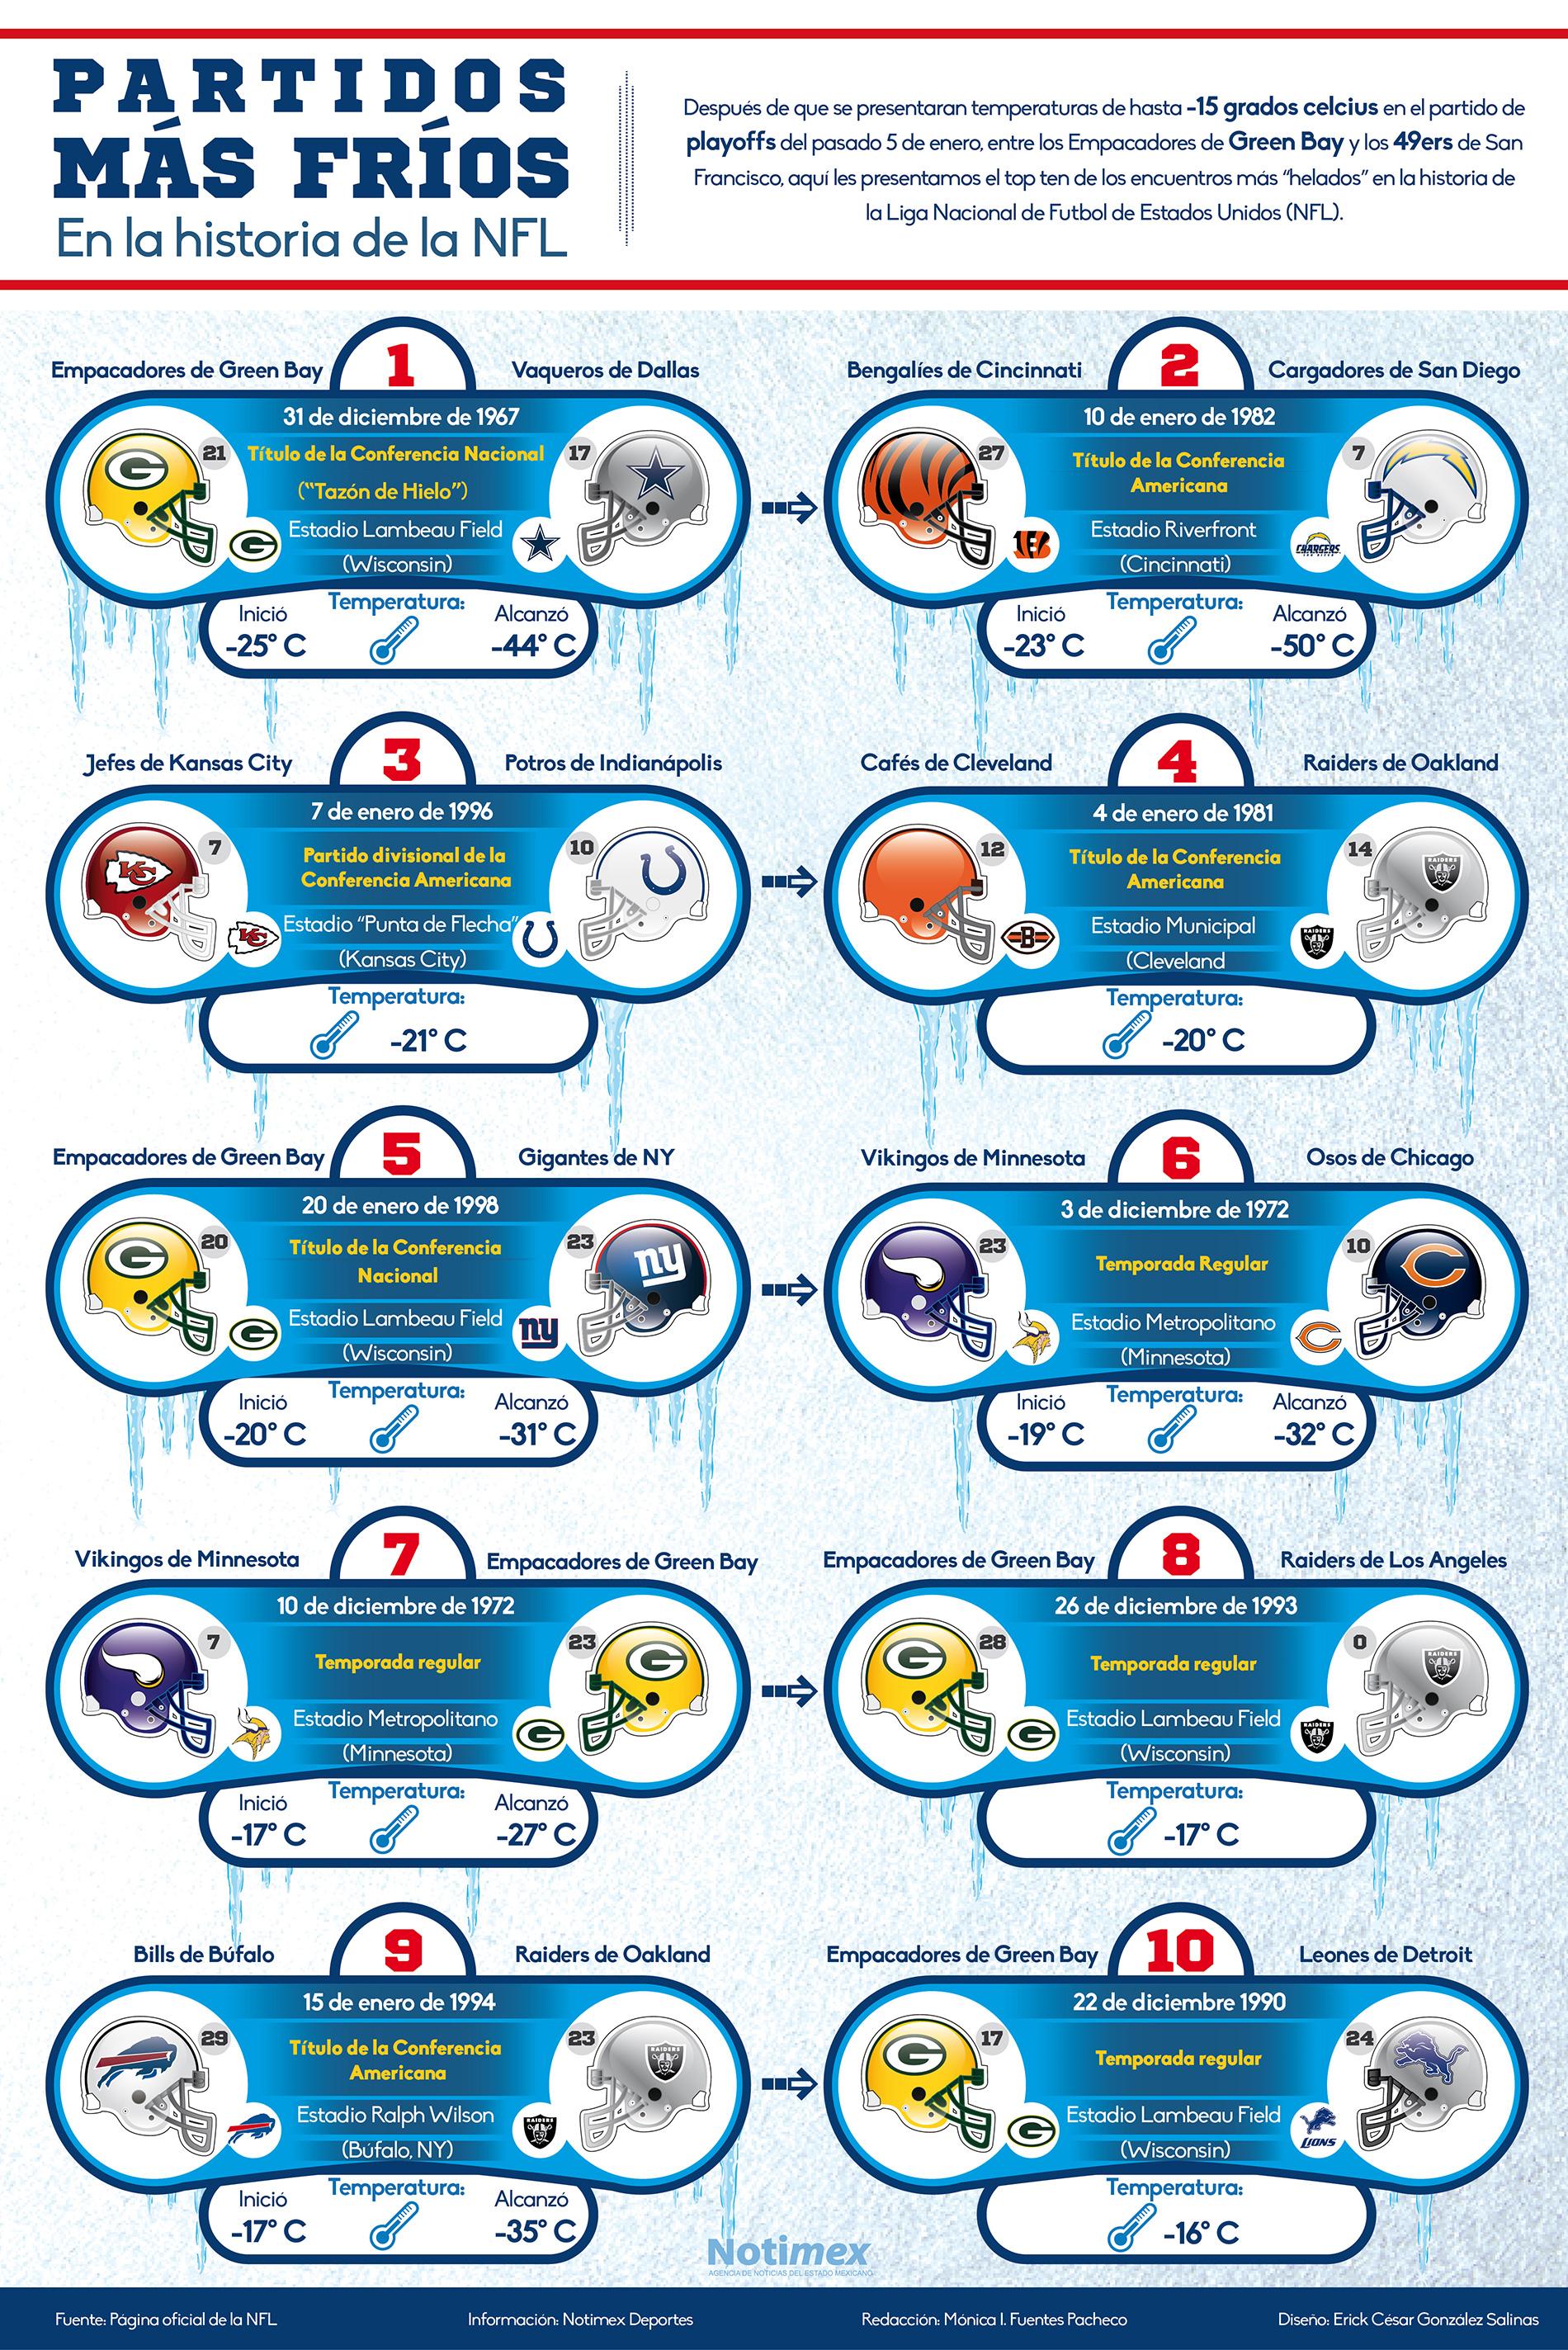 Los 10 partidos más fríos en la historia de la NFL